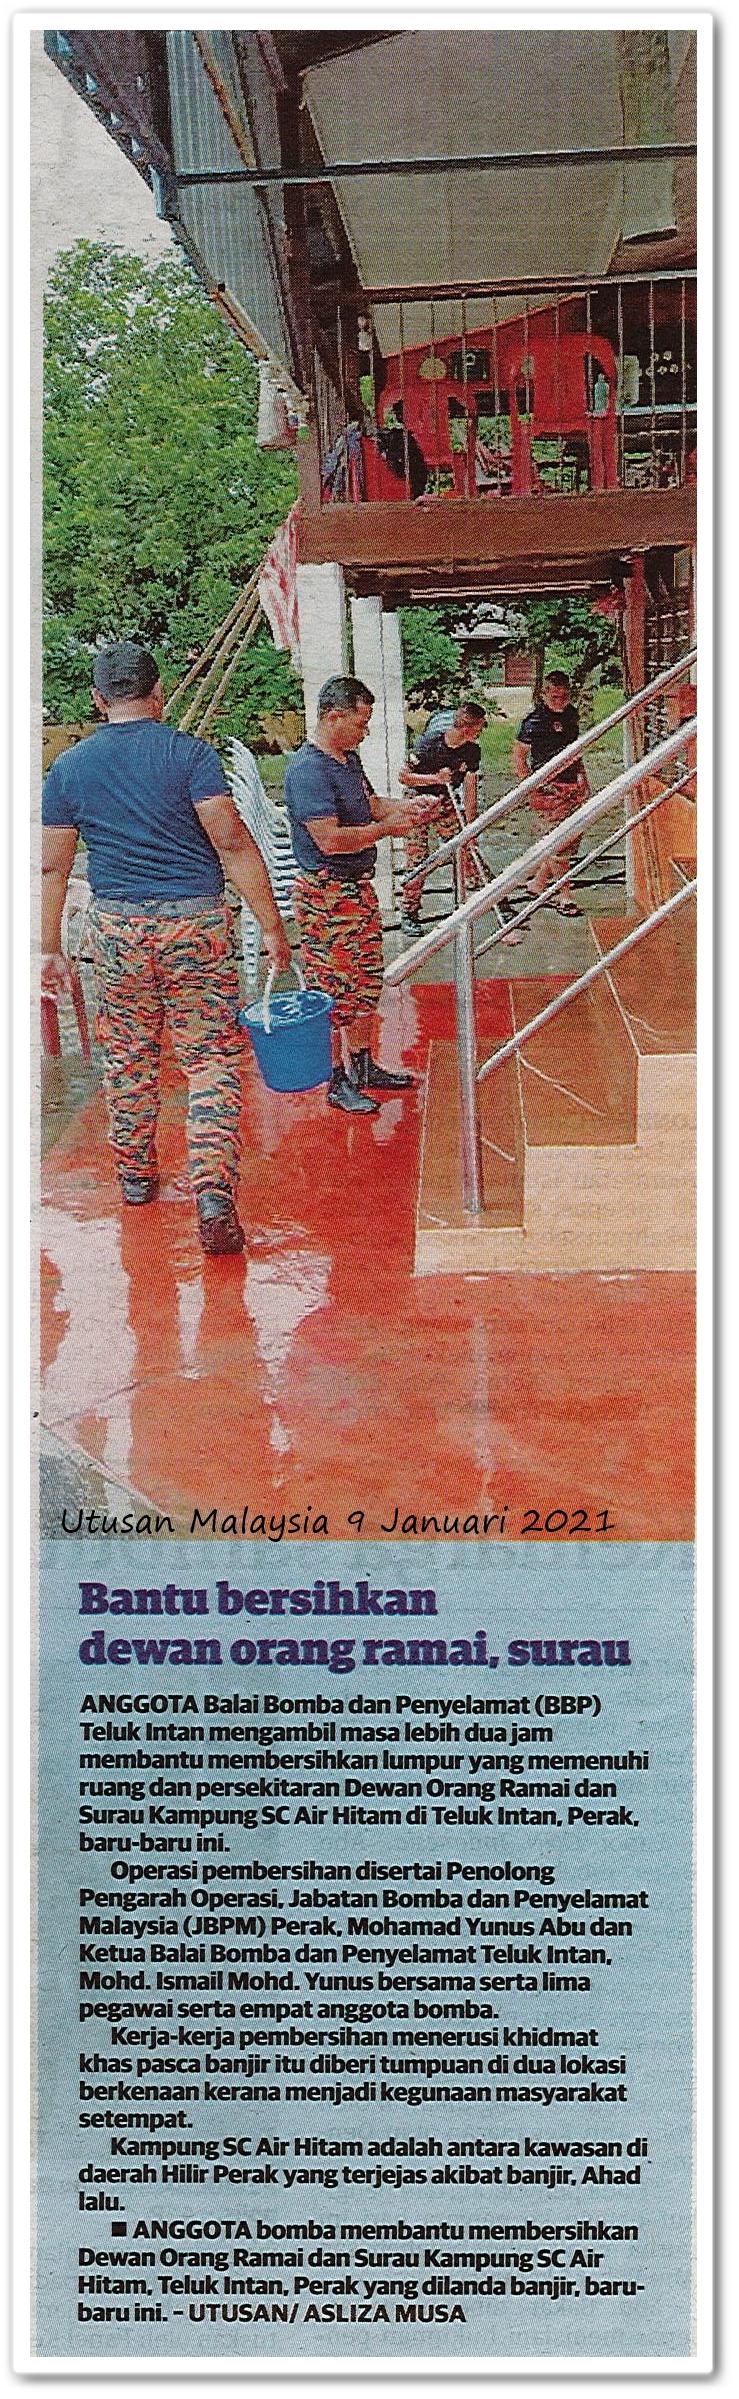 Bantu bersihkan dewan orang ramai, surau - Keratan akhbar Utusan Malaysia 9 Januari 2021